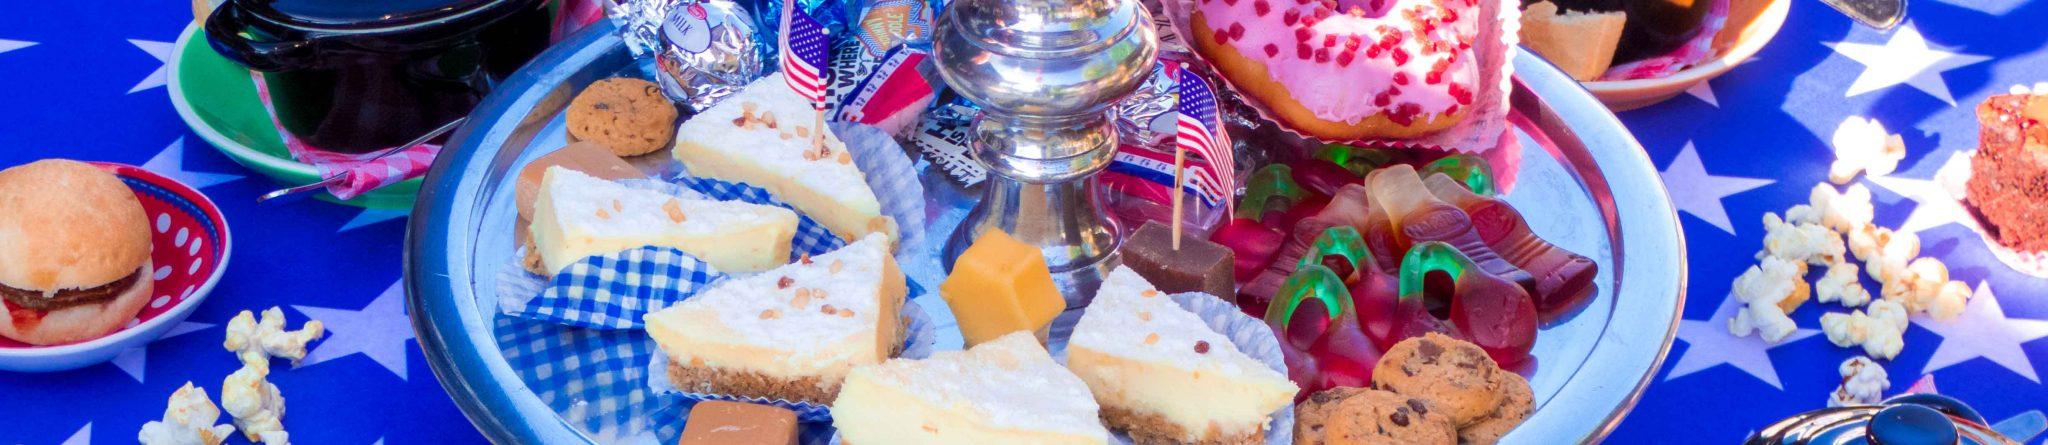 Amerikaanse High tea, Lunchroom Bij Saartje, Foute Amerikaanse, High tea, Tea Party